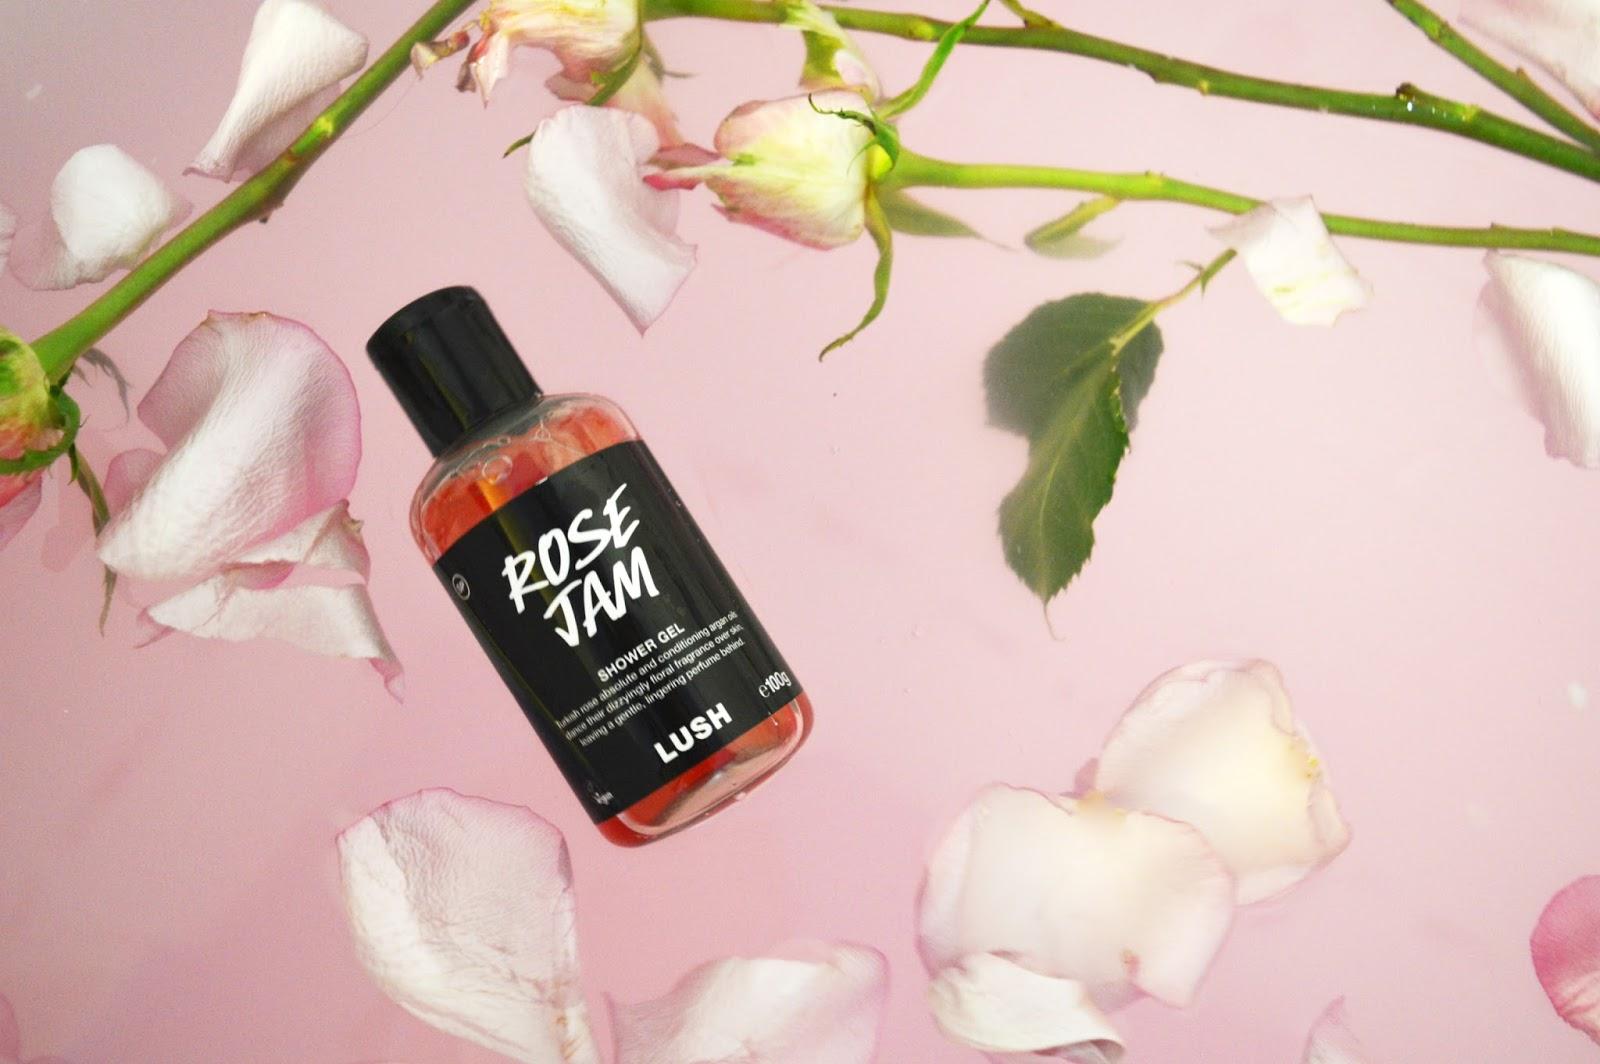 Lush Rose Jam